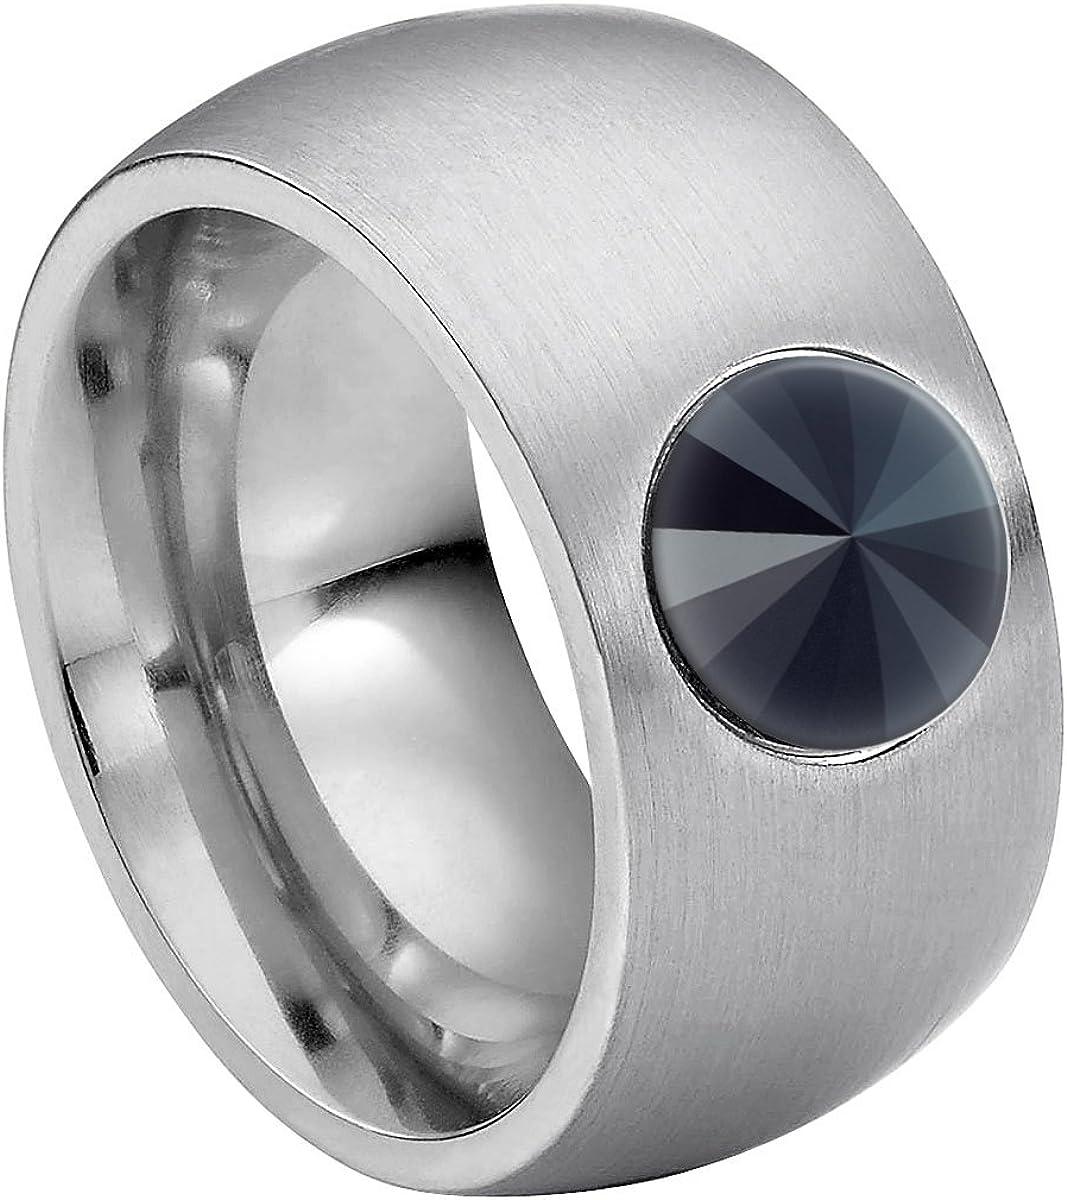 Anillo Heideman Ring Coma 11 de Acero Inoxidable Color Plata Mate para Damas con Cristal de Swarovski Blanco/Color fantasía Tallado en Piedra Preciosa de 8mm